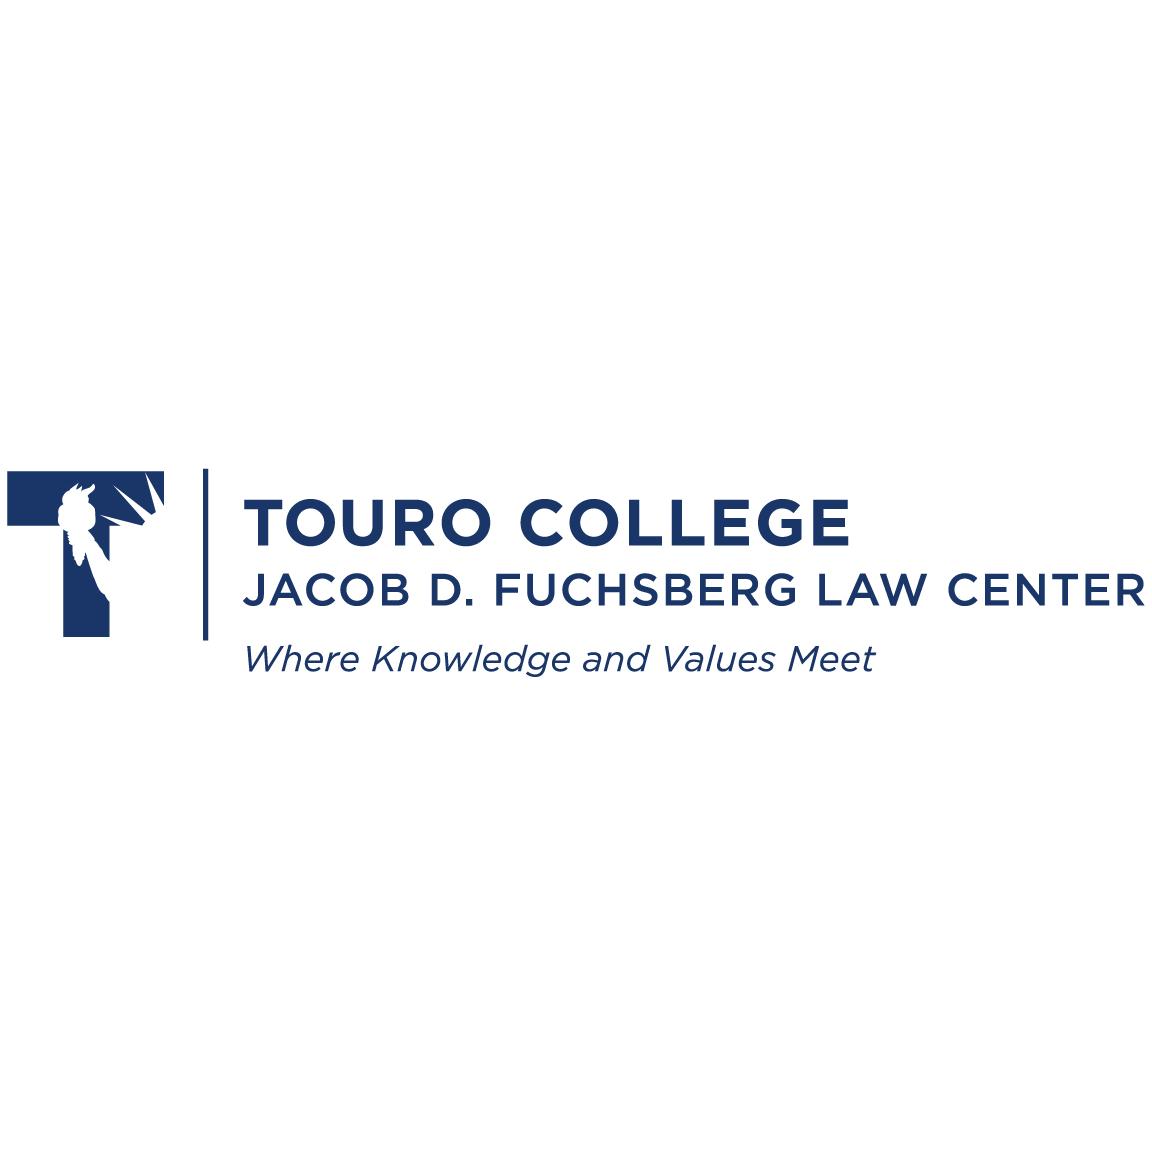 Touro Lawe